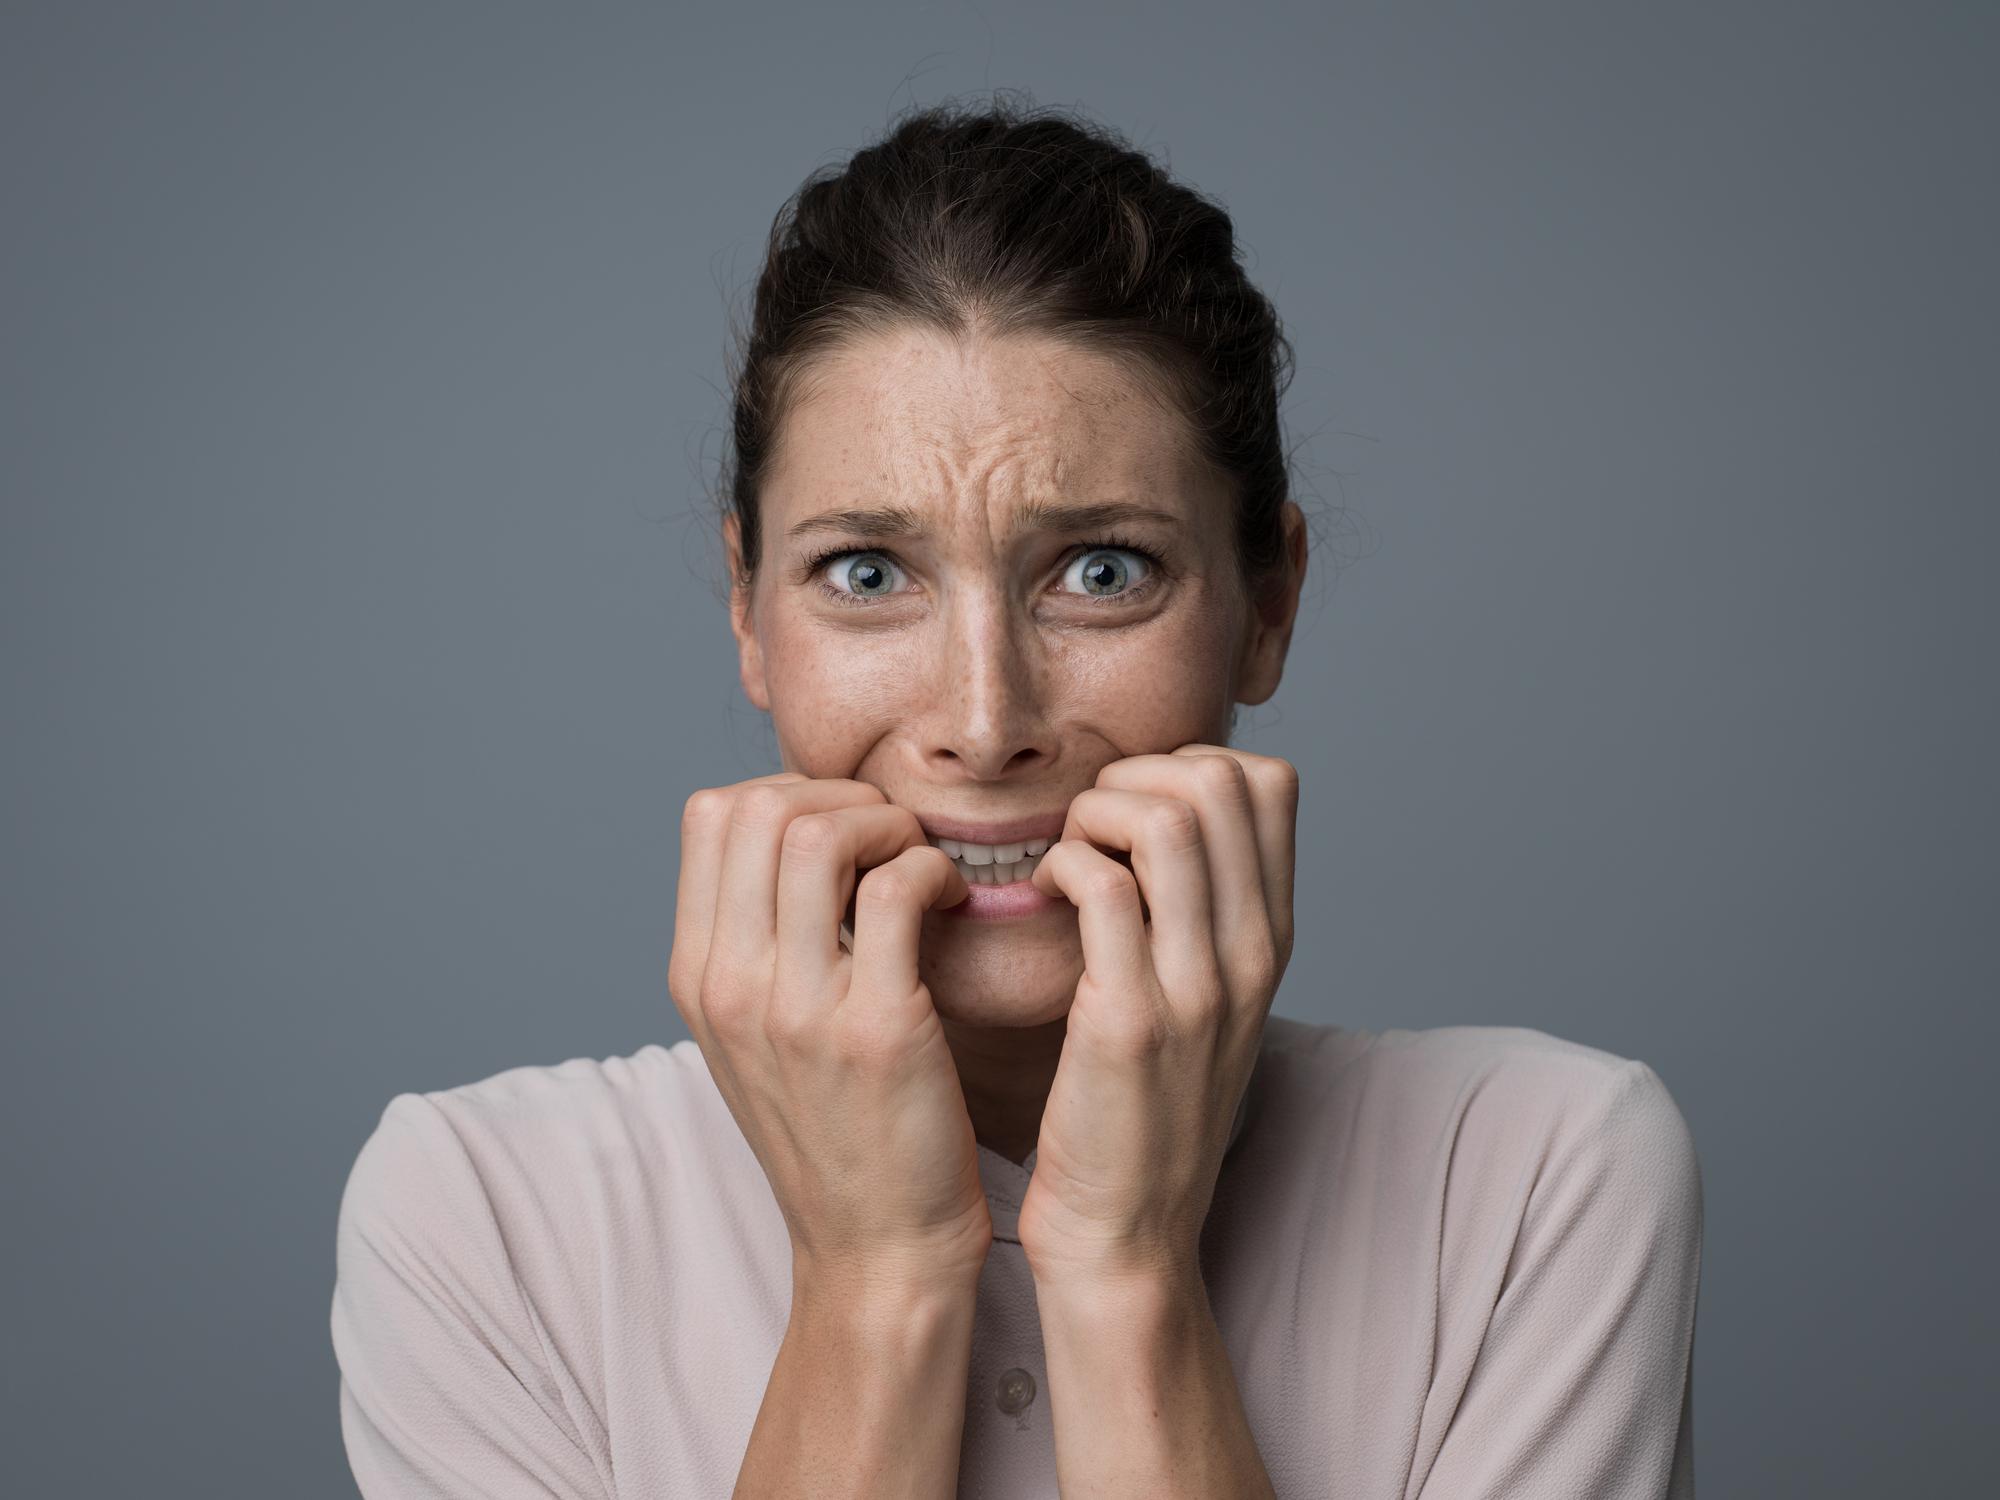 Как защитить себя от панических атак: советы Ульяны Супрун